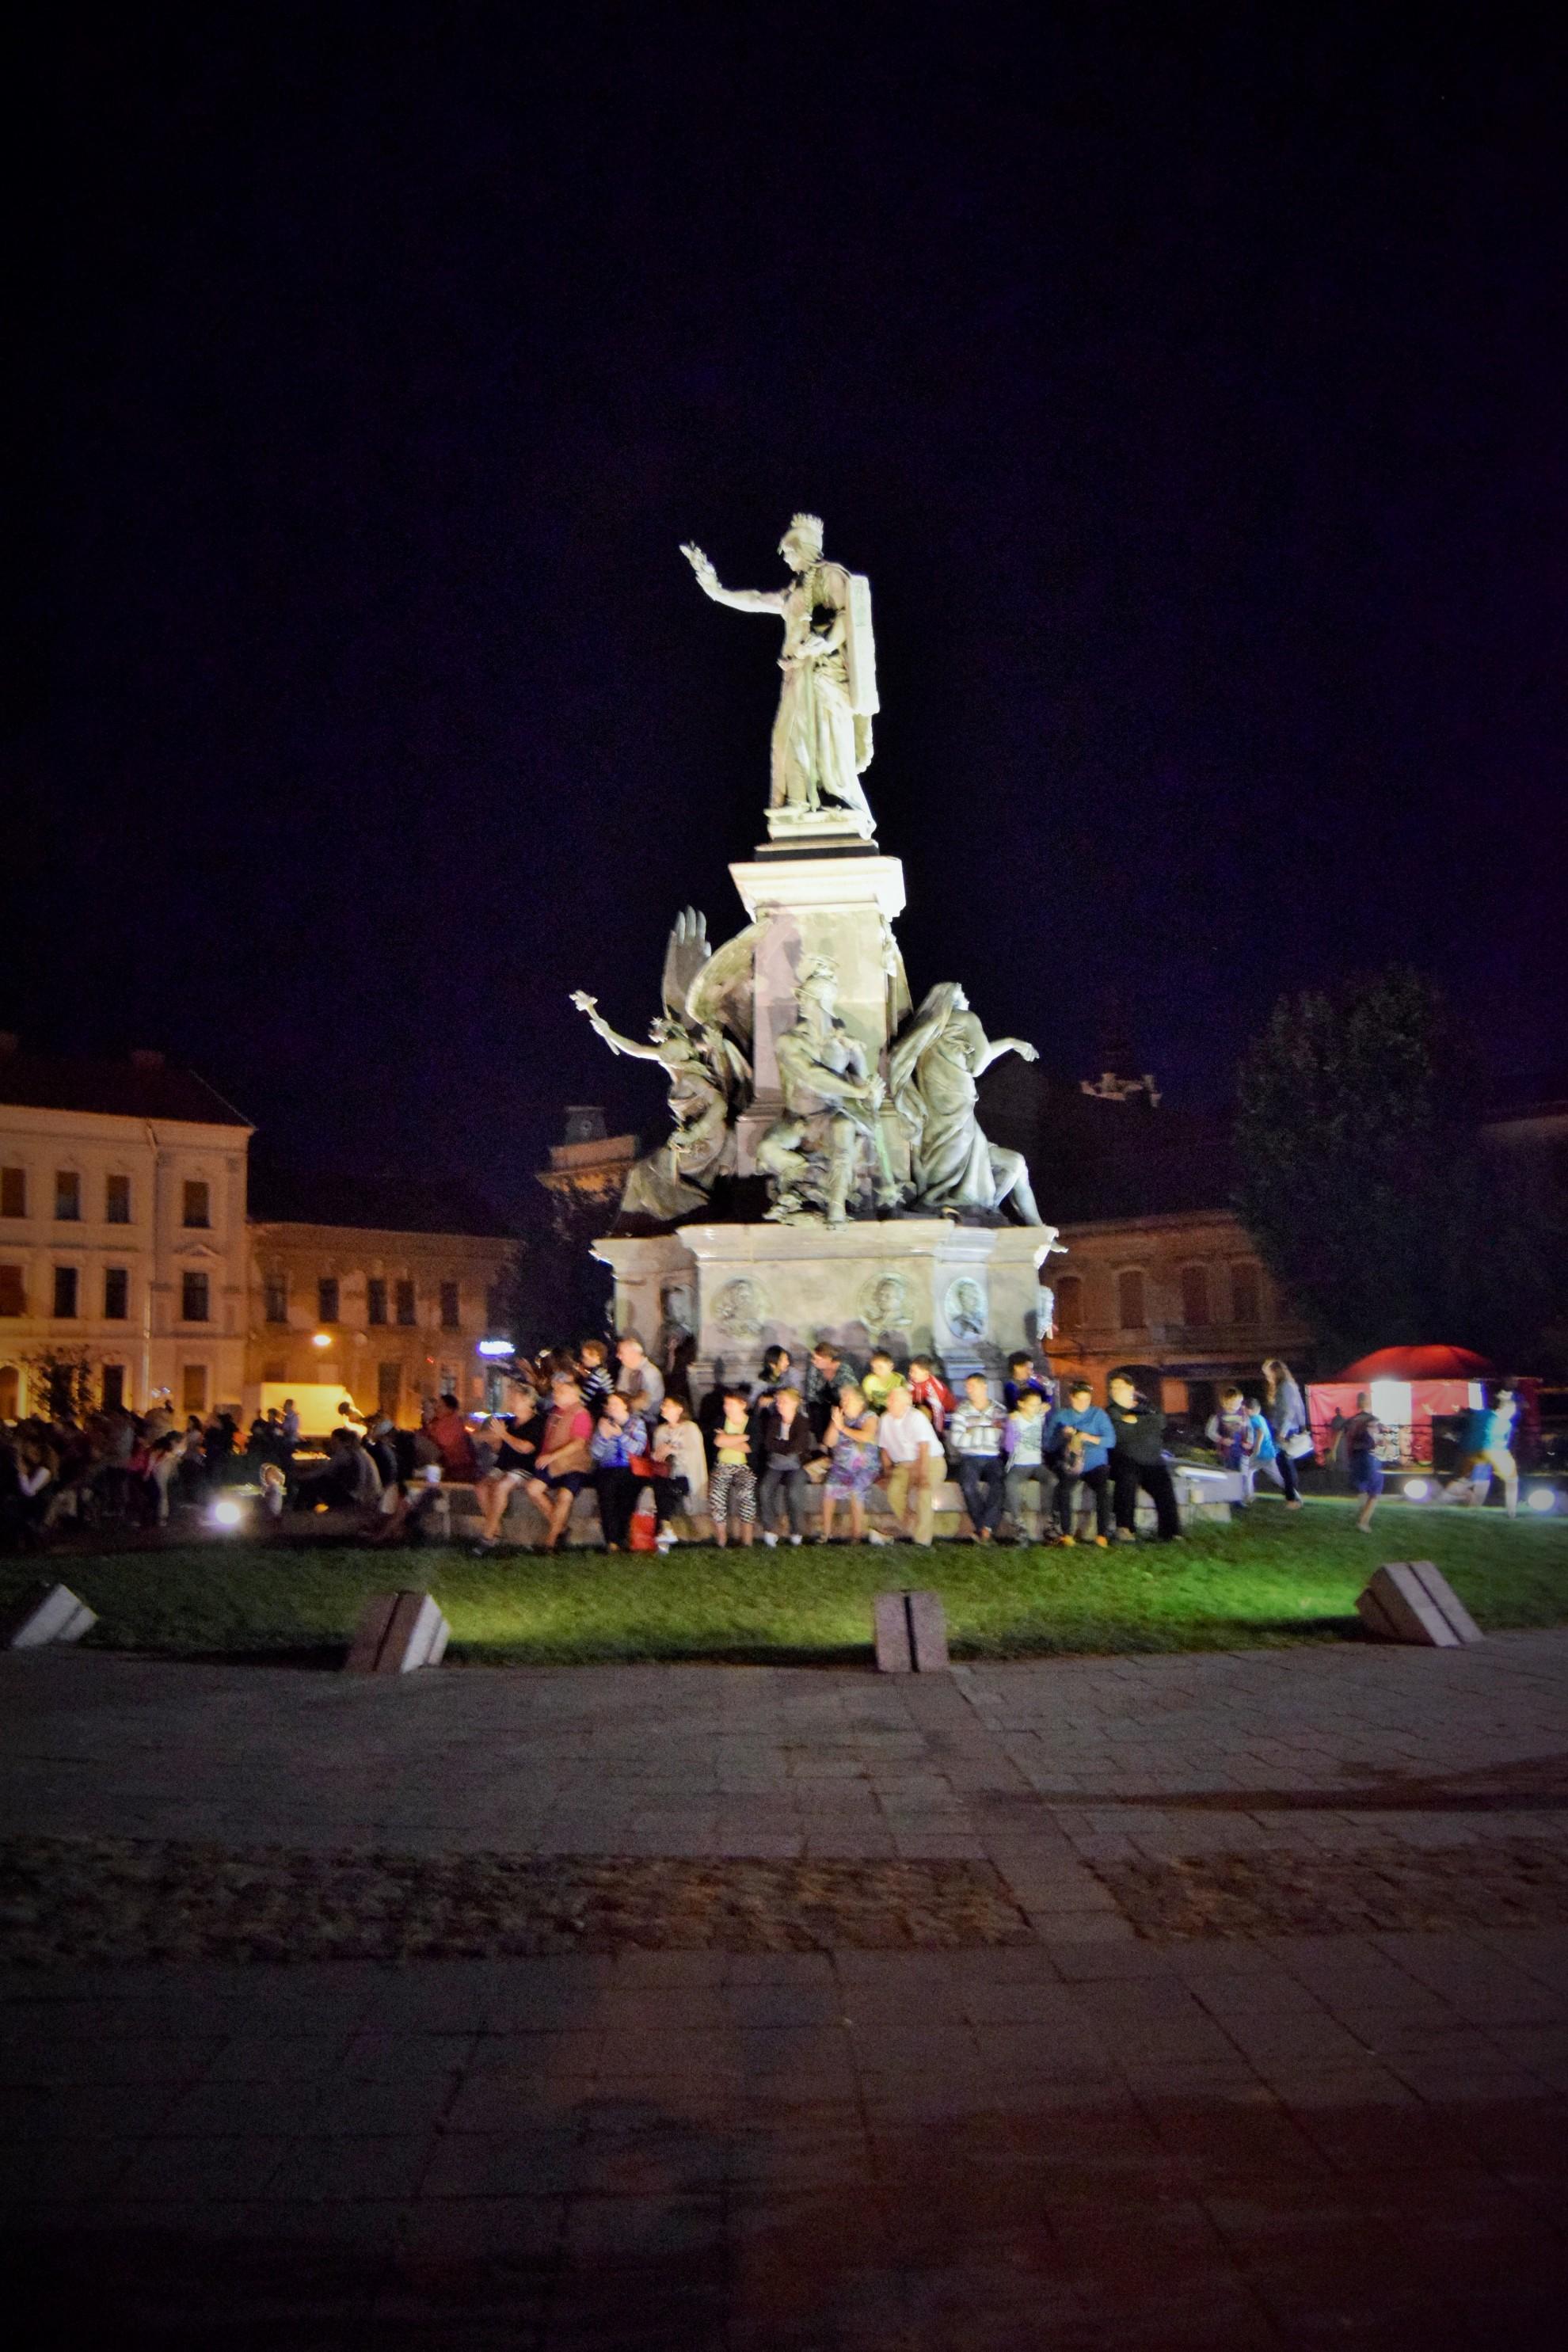 Zilele Maghiare din Arad vor debuta pe data de 28.09.2017